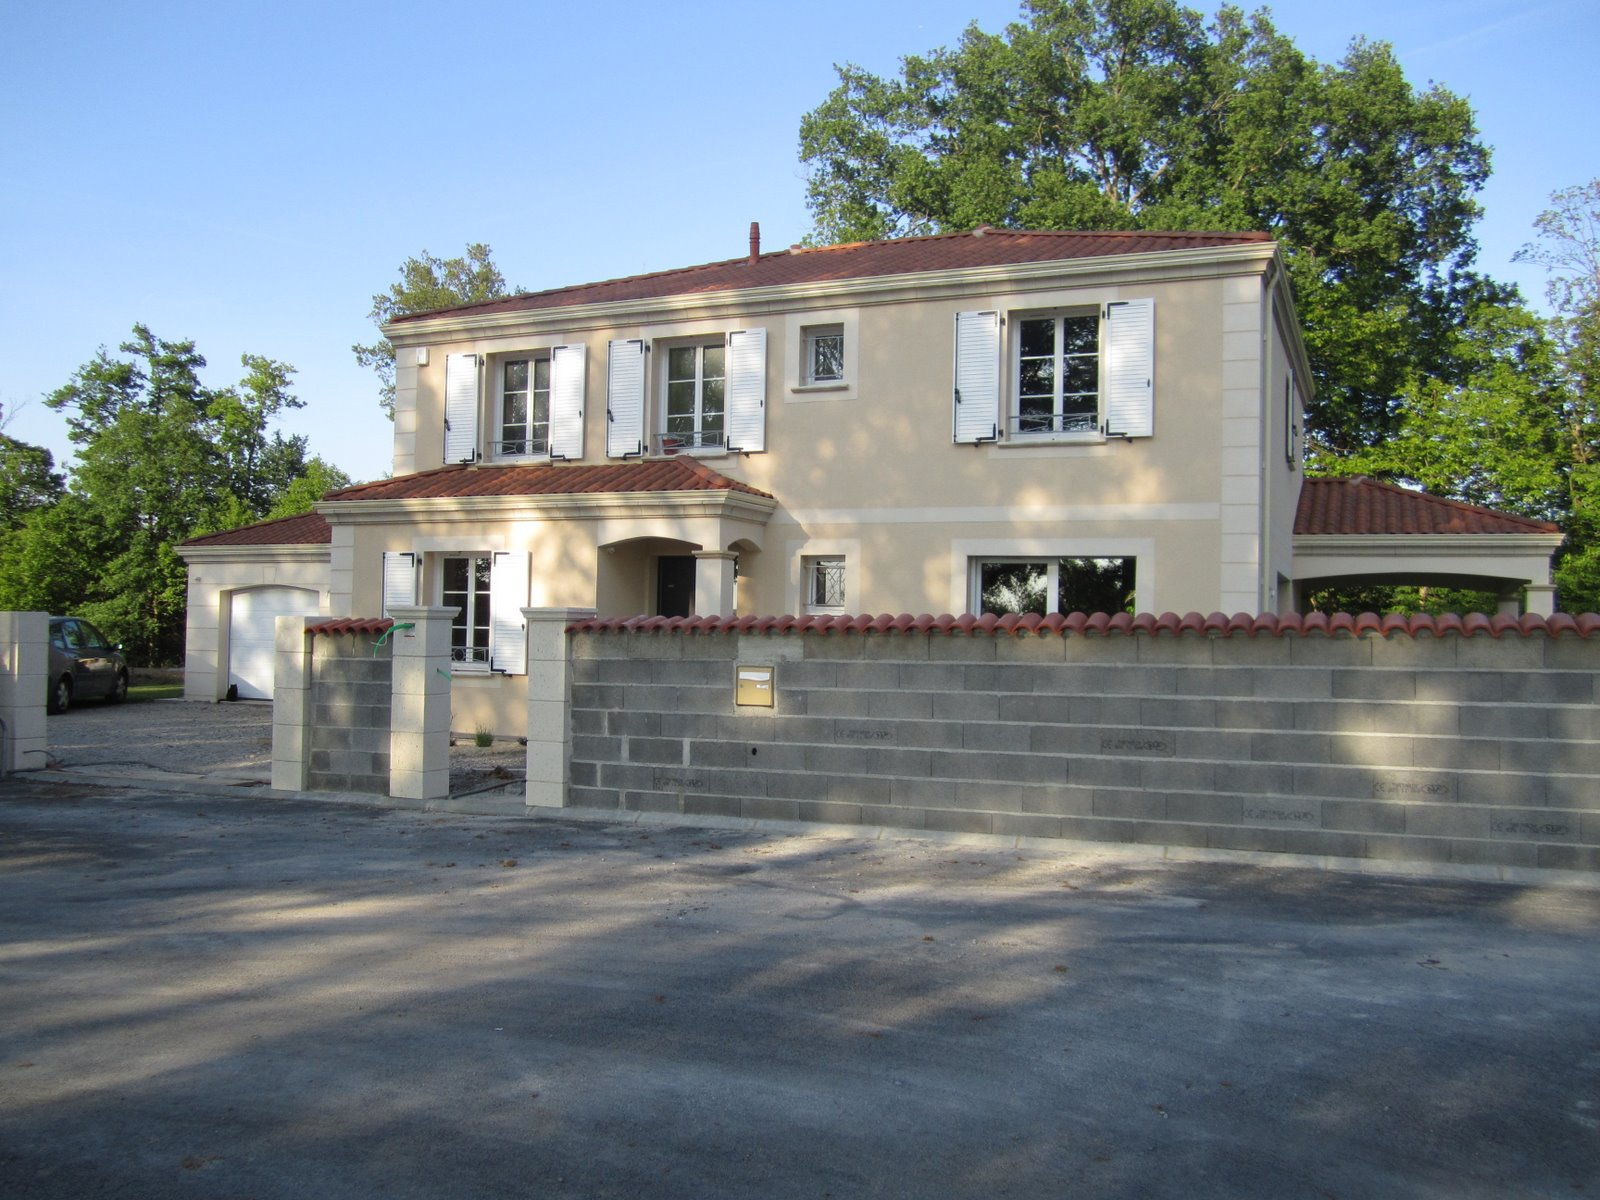 Our house 2010 jeudi 5 mai 2011 - Mur pour portail coulissant ...